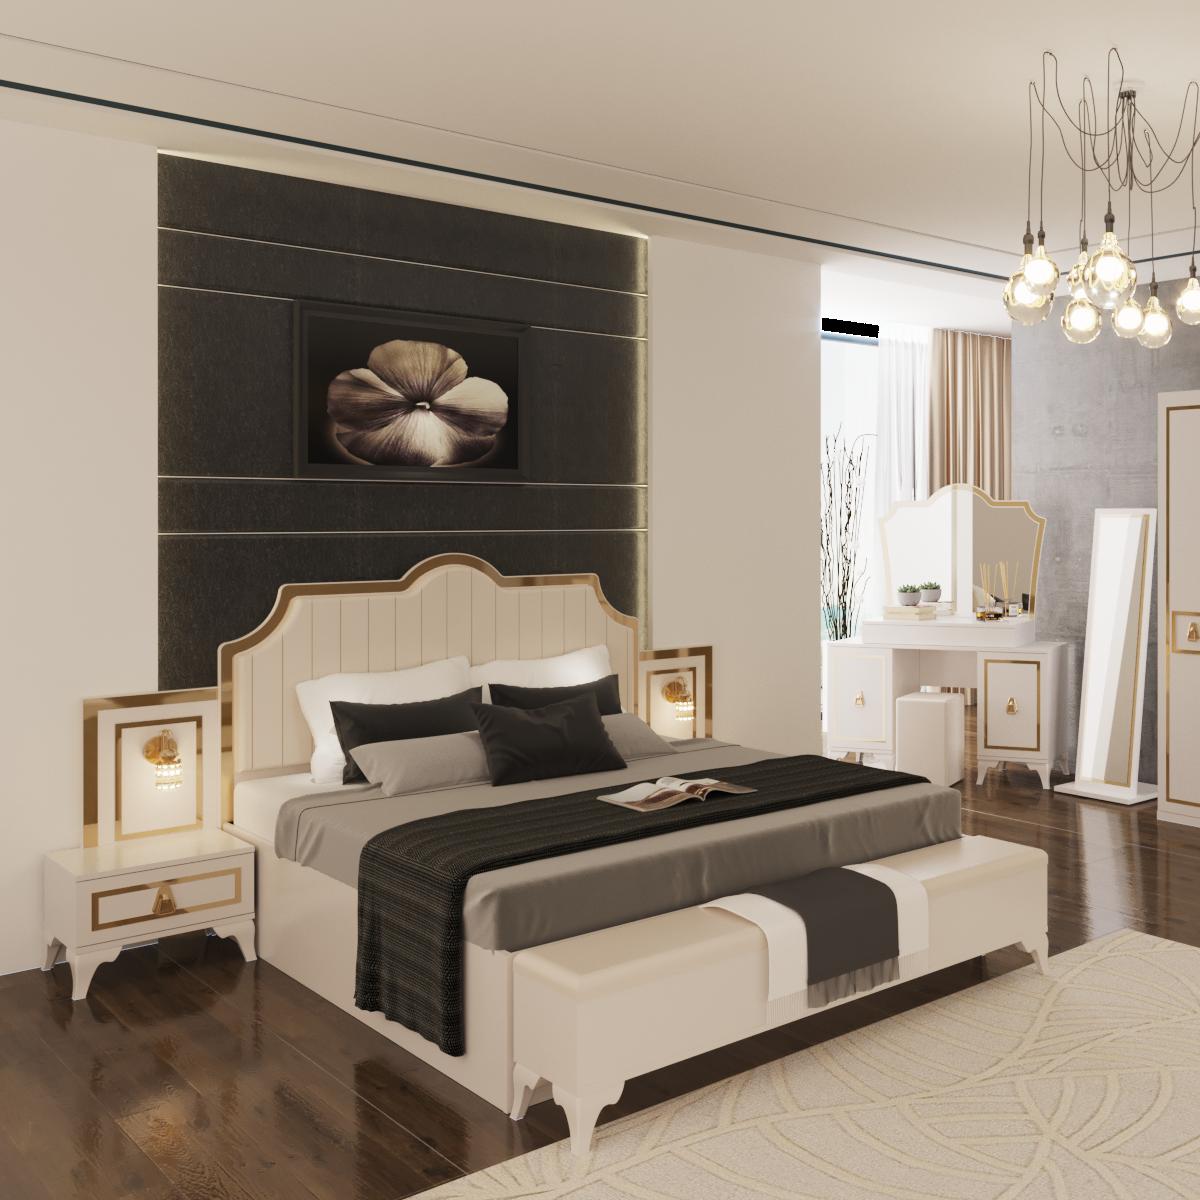 Floransa Lux White Bedroom Set With Door - Buy Bedroom Set,Bedroom Set  2020,Modern Bedroom Sets Product on Alibaba.com